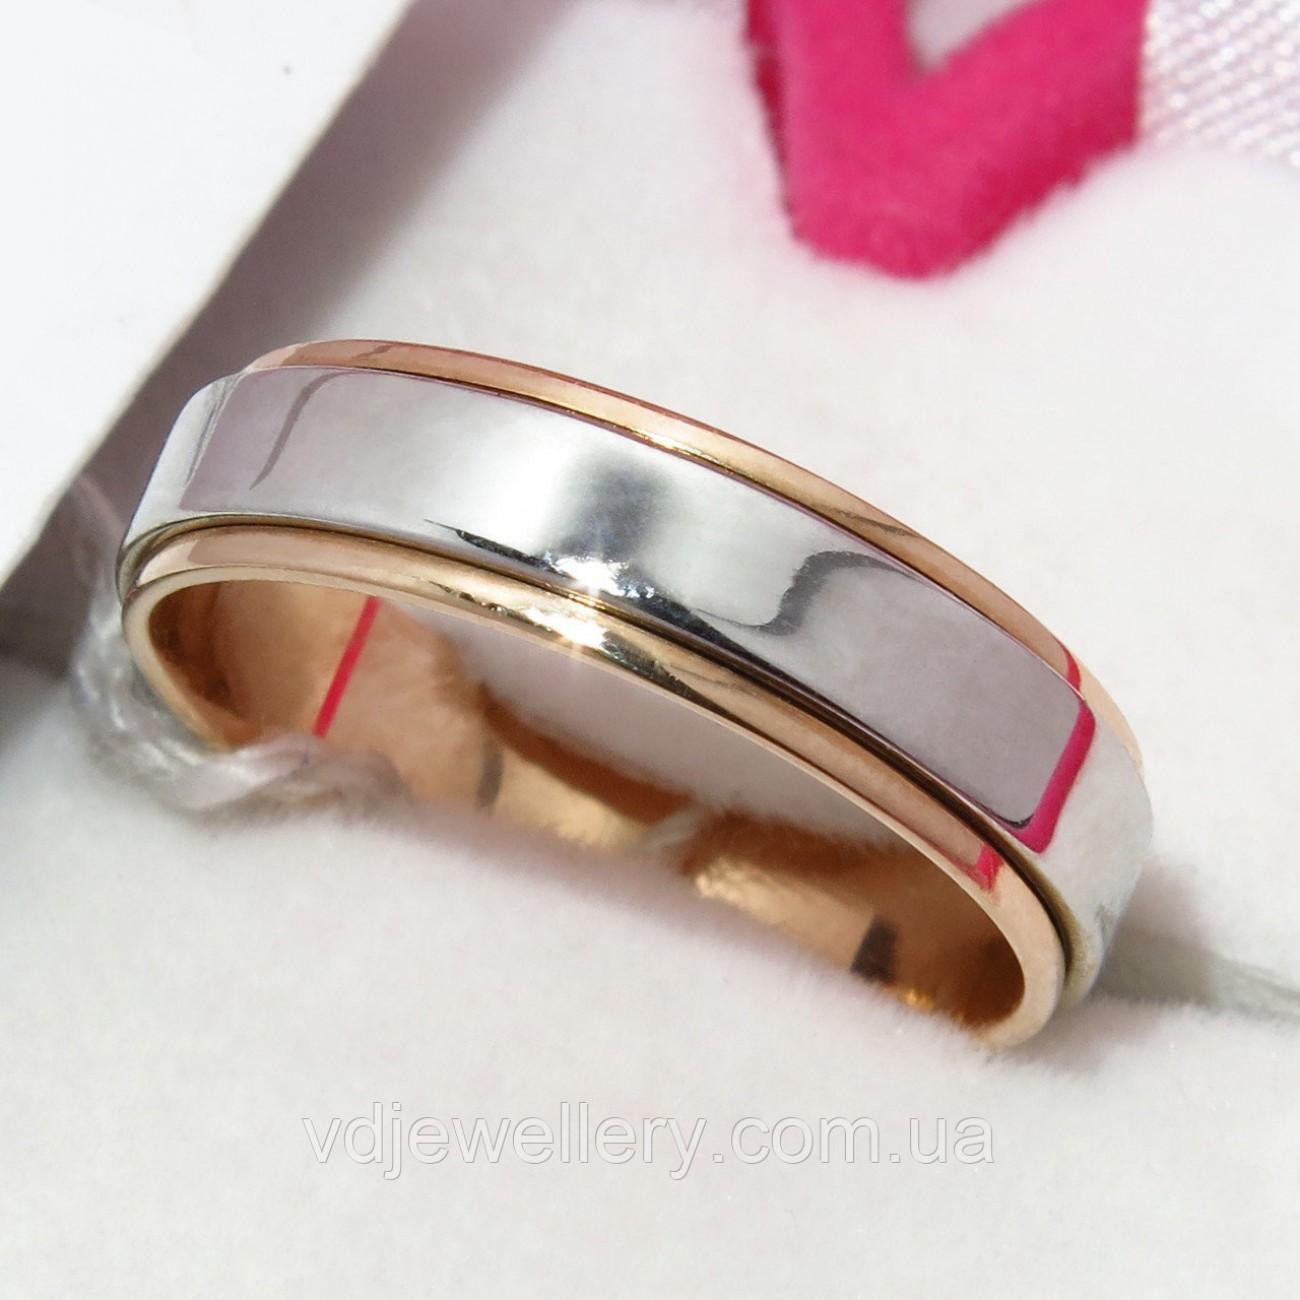 Золотое обручальное кольцо ХОК-15